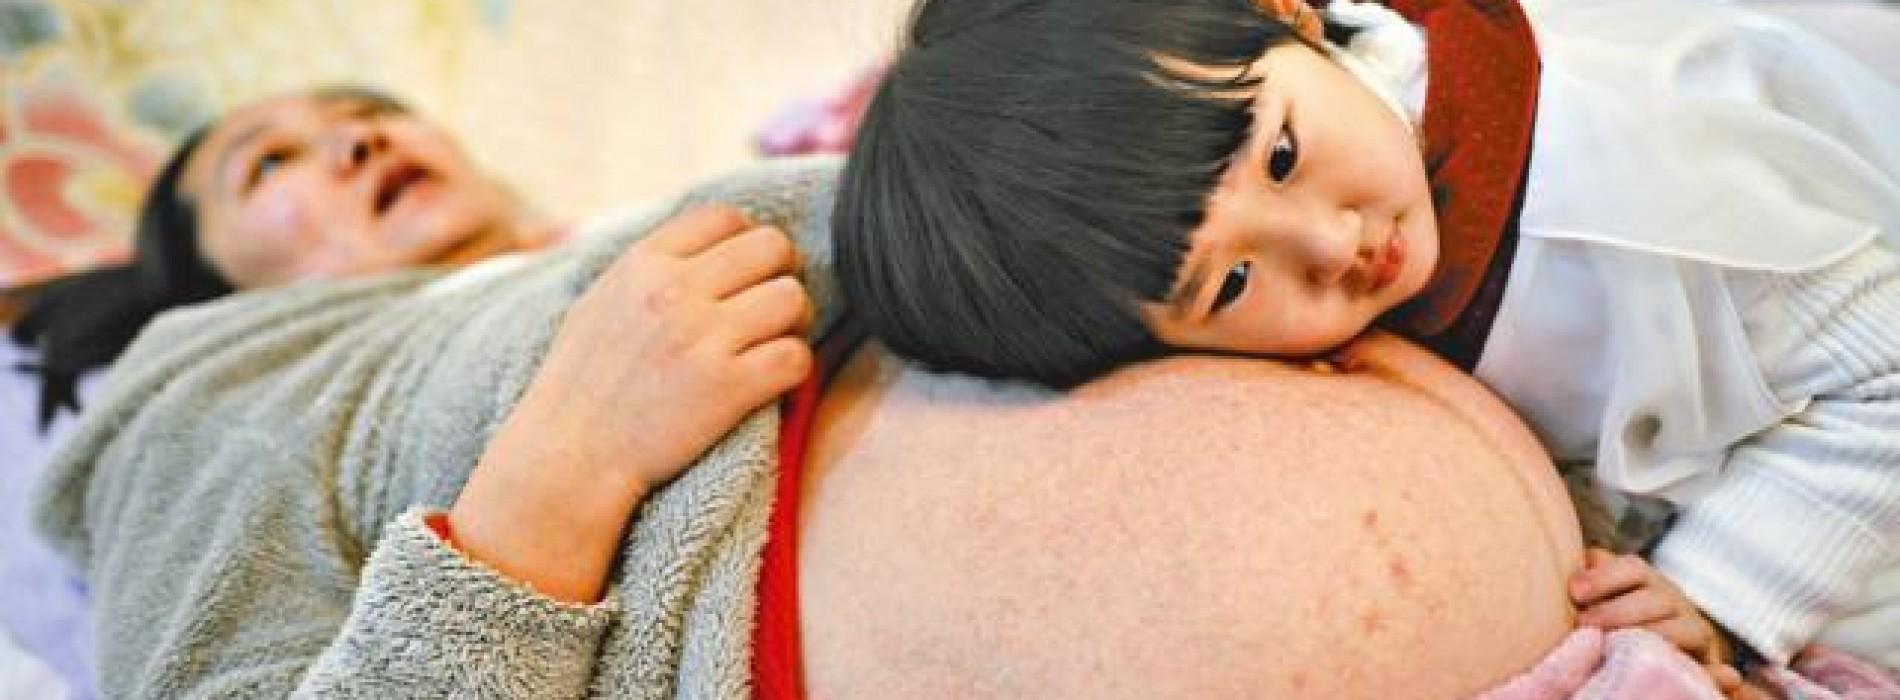 孕婦作動期間進食 為分娩提供能量